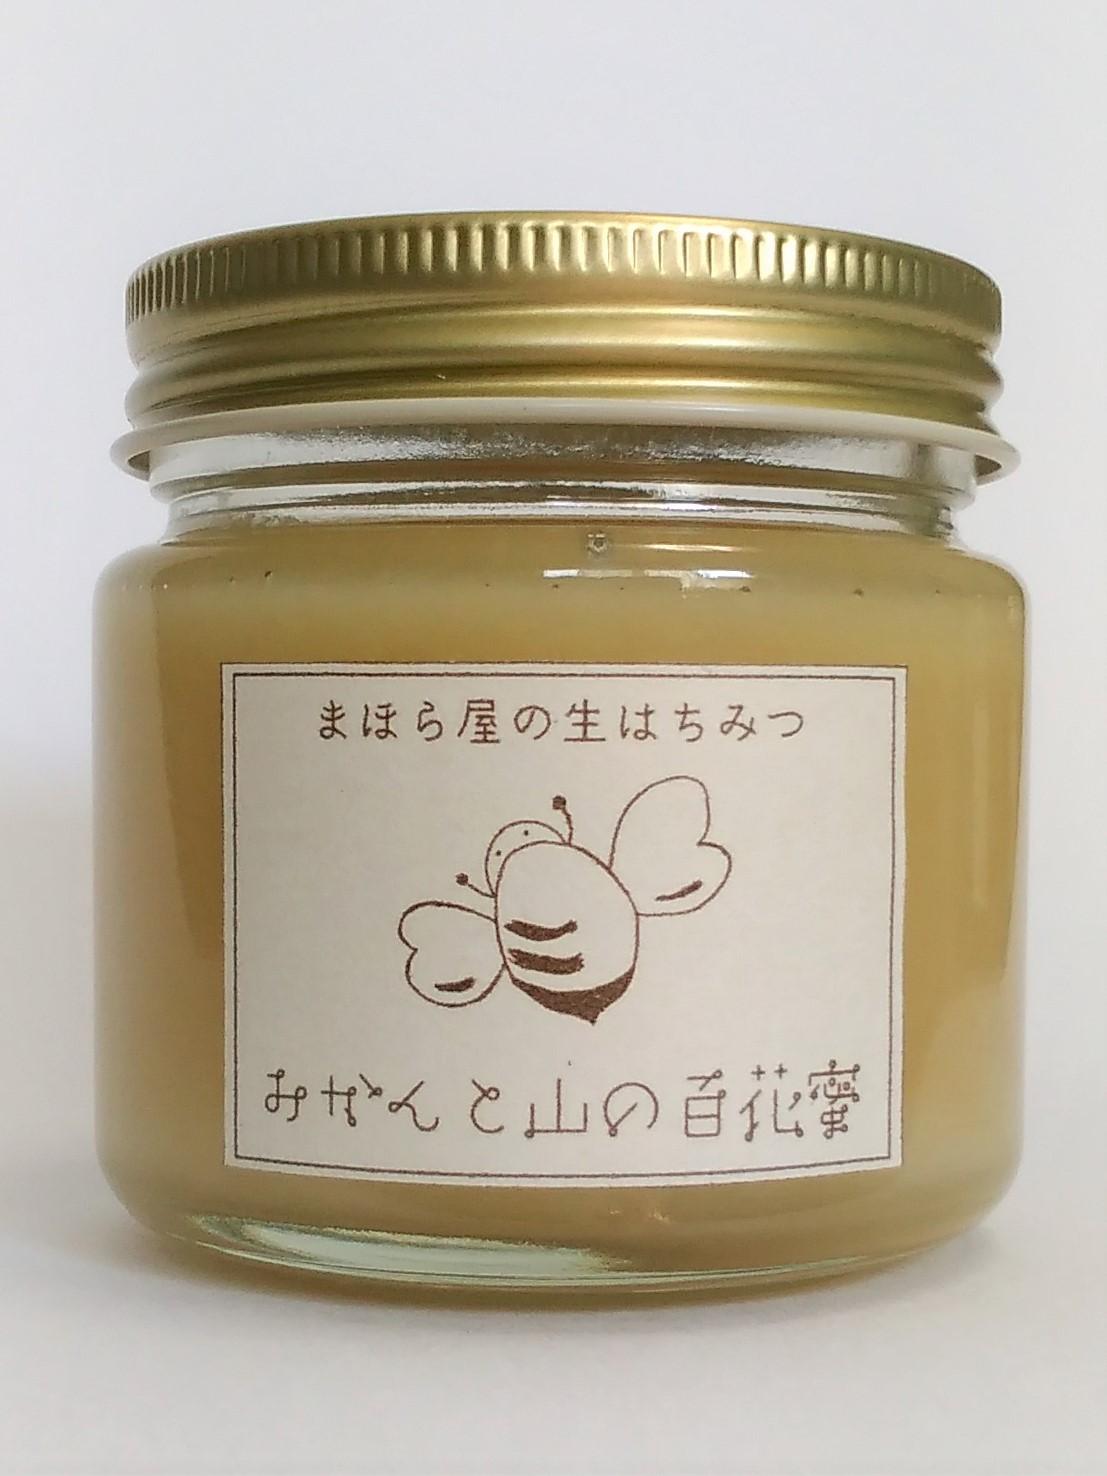 ☆2020年産☆湯河原産みかんと山の百花蜜(結晶蜂蜜)150g画像